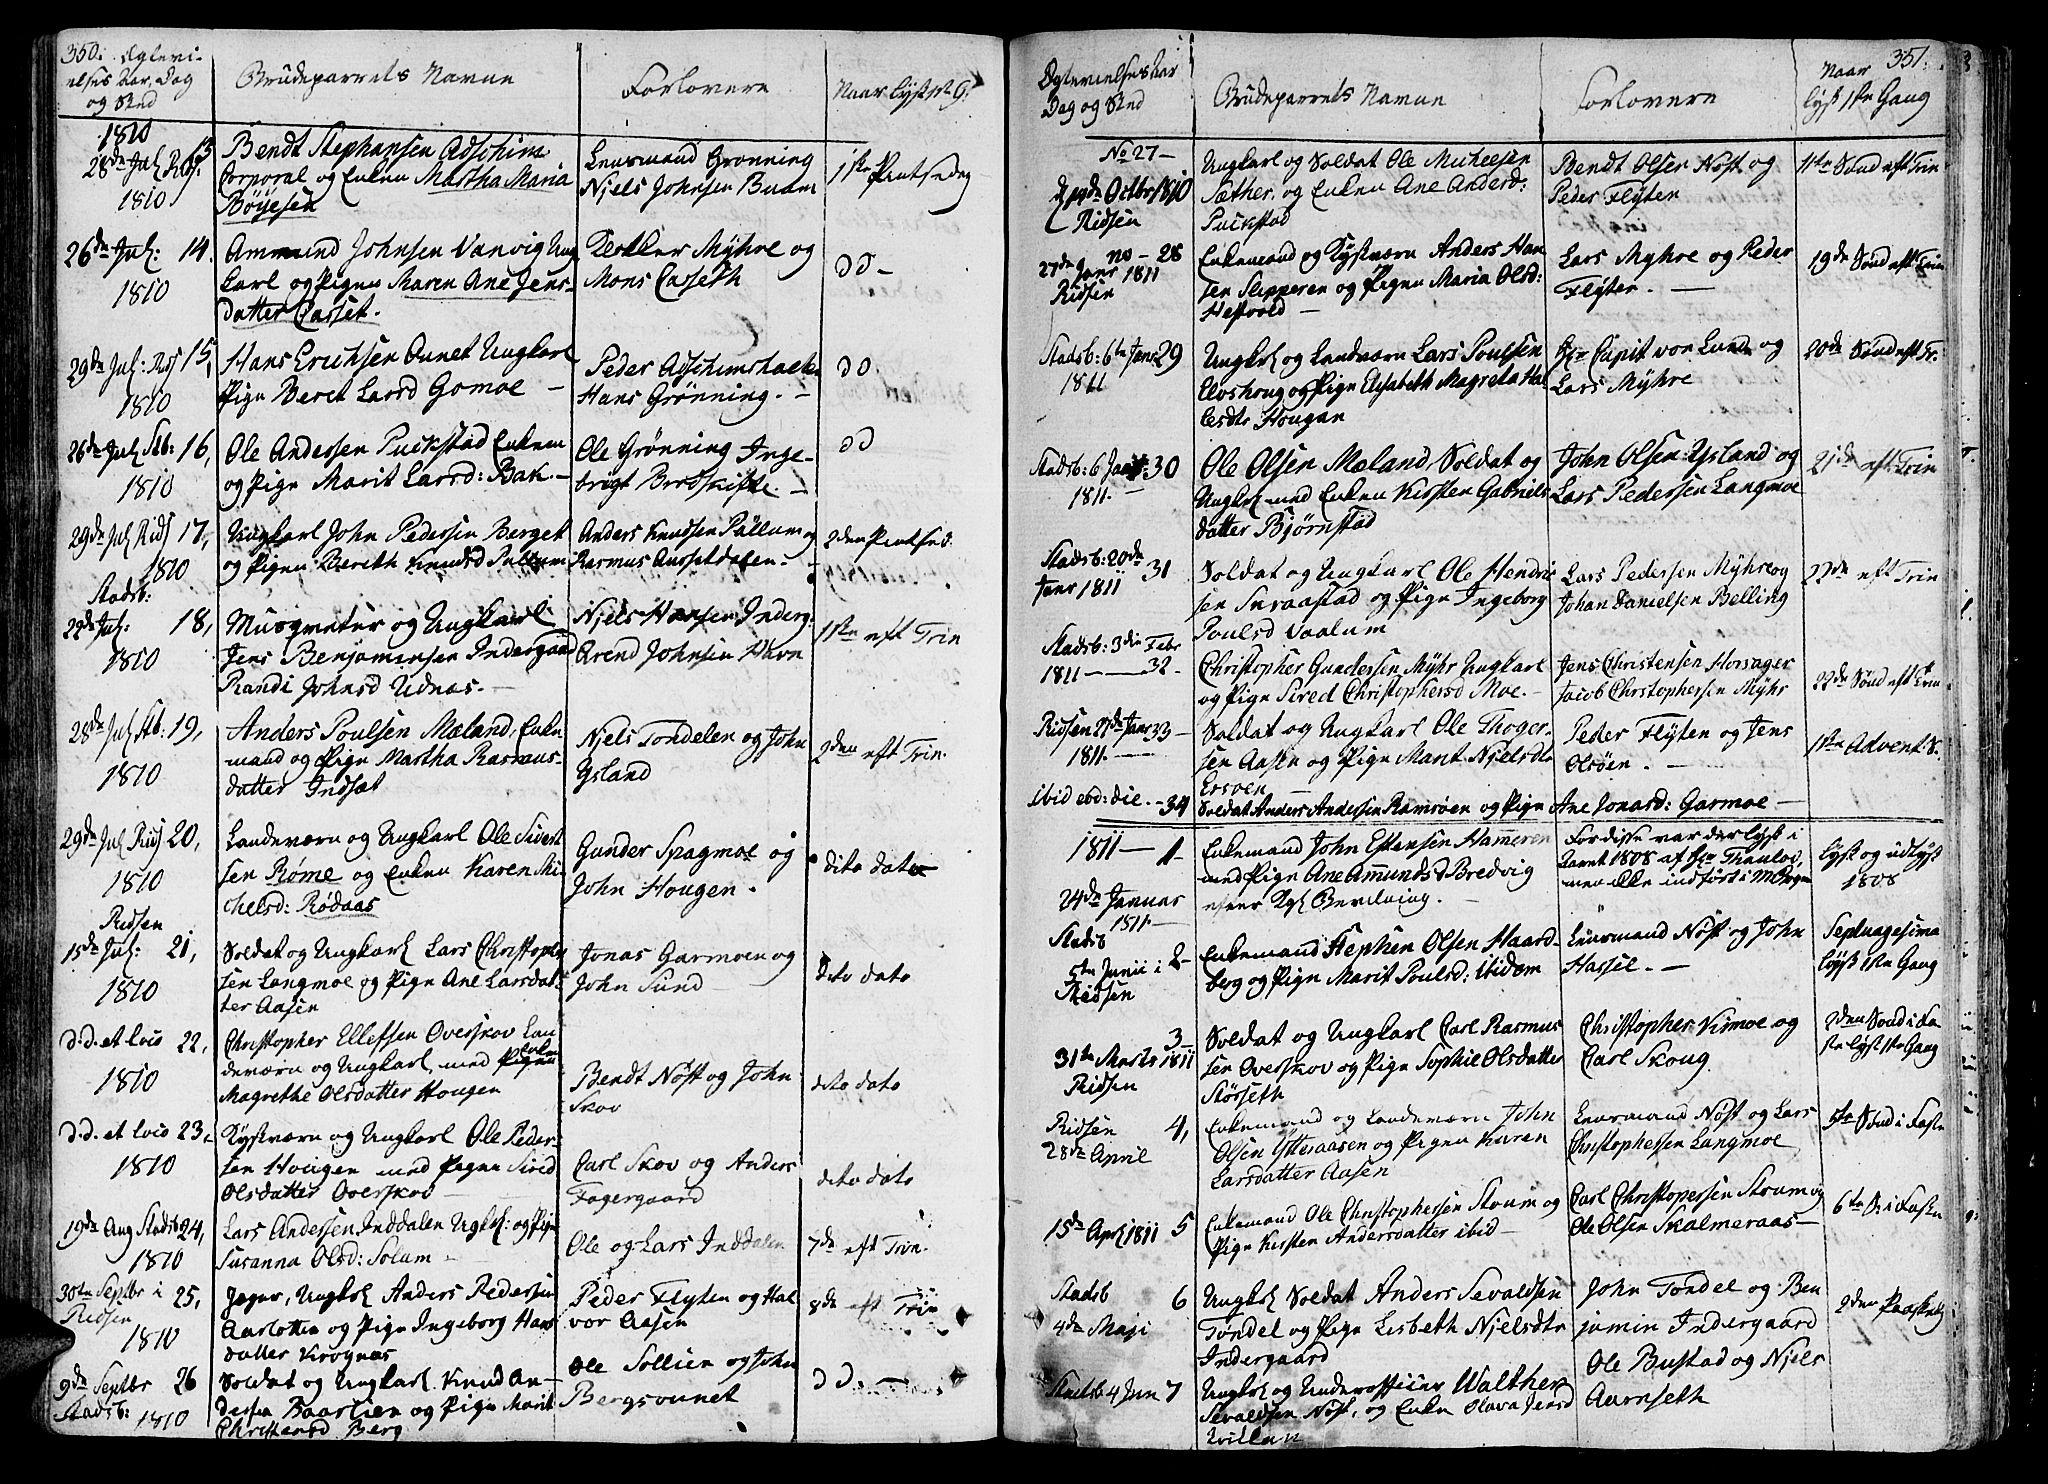 SAT, Ministerialprotokoller, klokkerbøker og fødselsregistre - Sør-Trøndelag, 646/L0607: Ministerialbok nr. 646A05, 1806-1815, s. 350-351